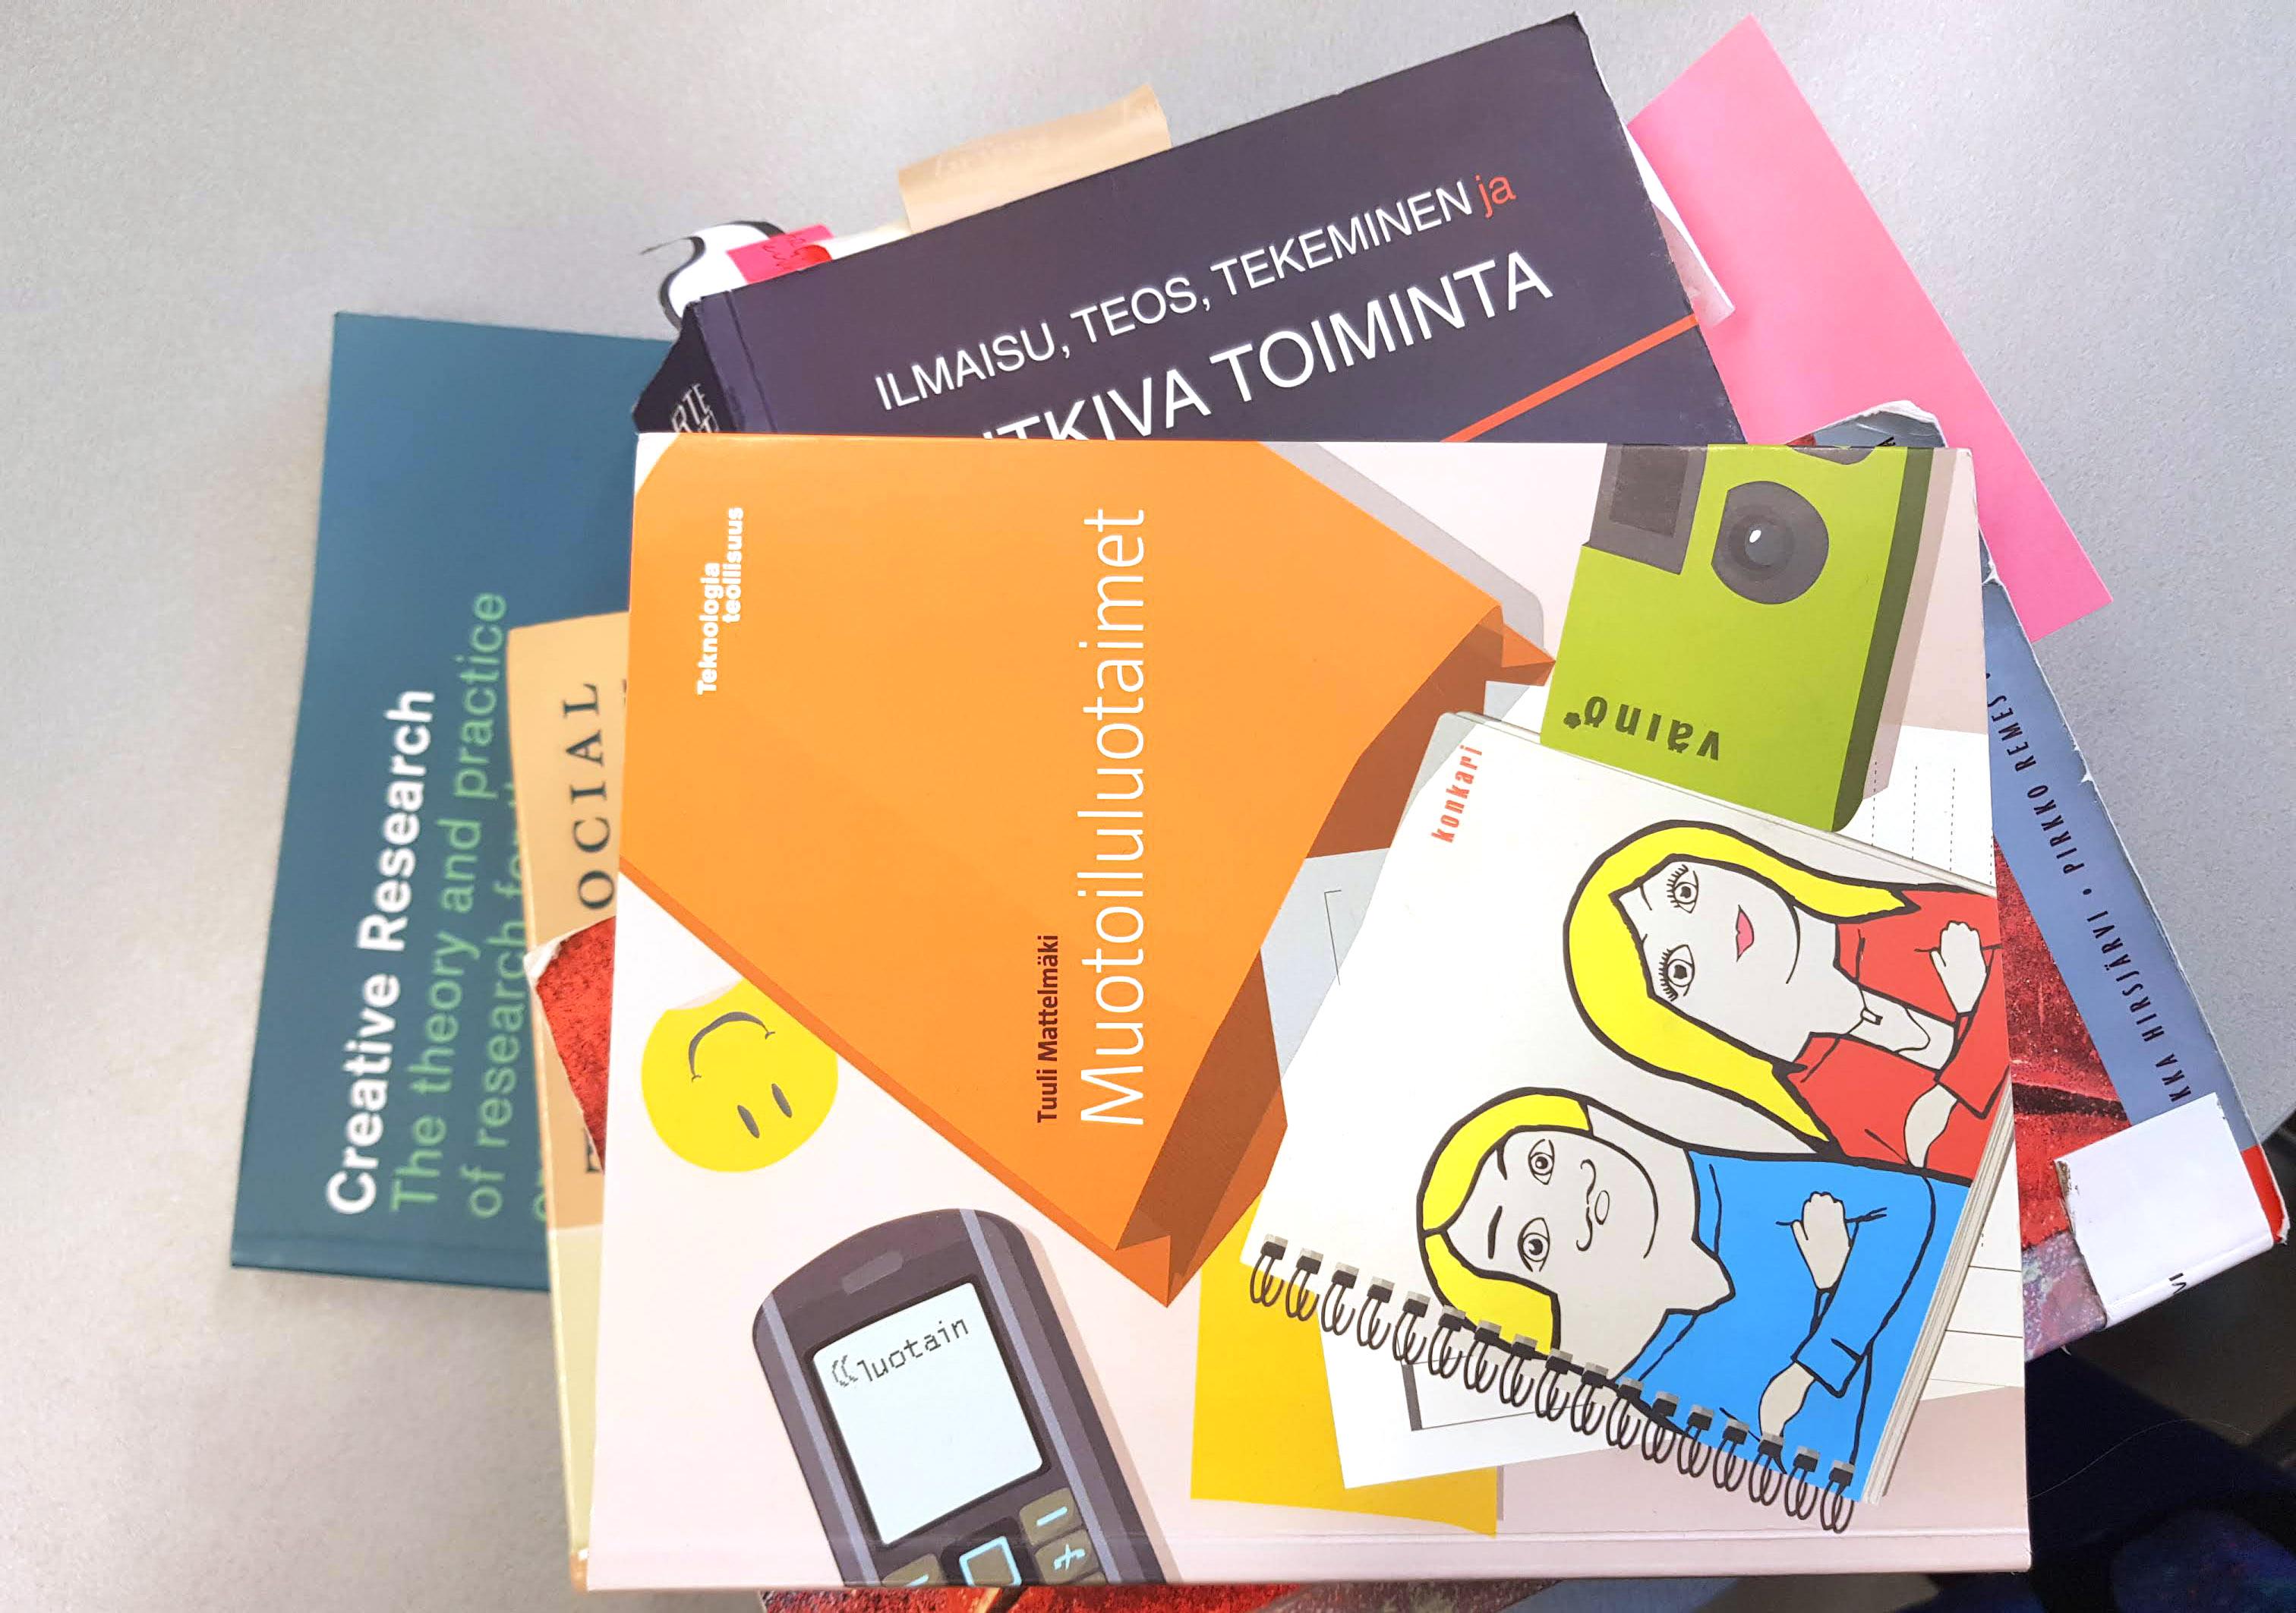 Course Image 16 / Opinnäytetyö / Muotoilu